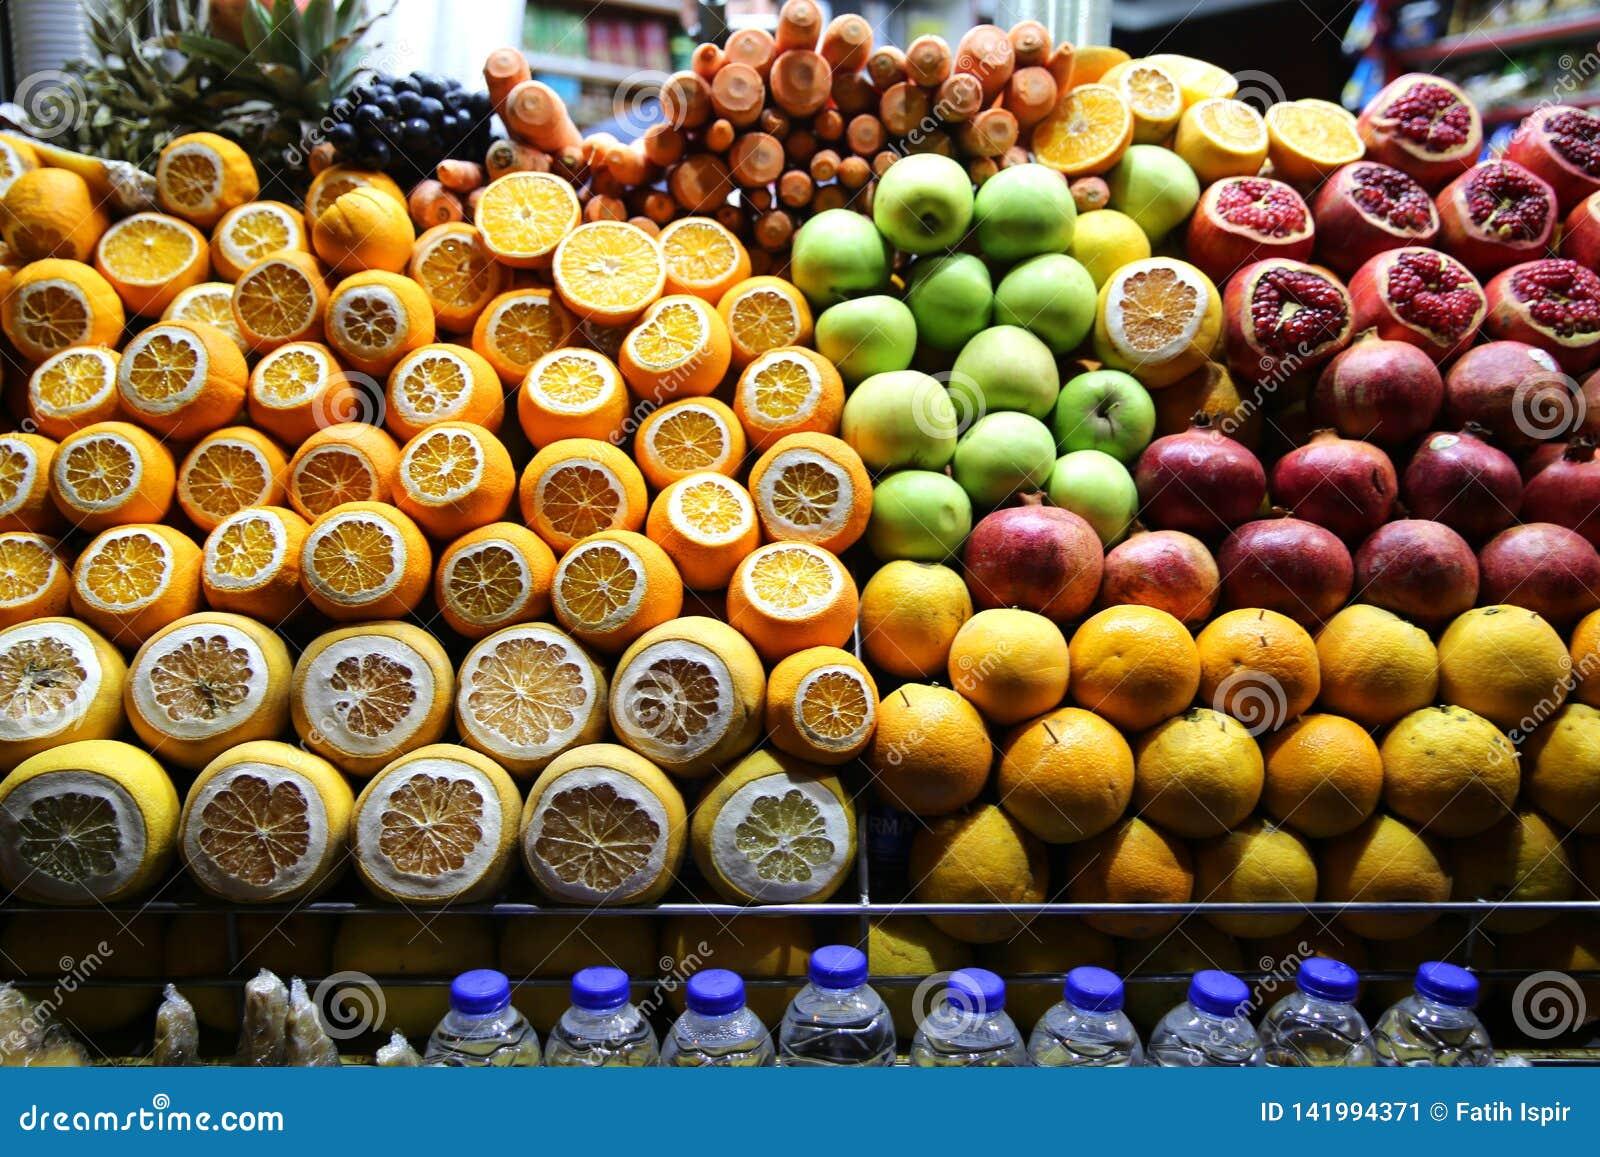 Fruit Juice Shop in Beyoglu Ä°stanbul